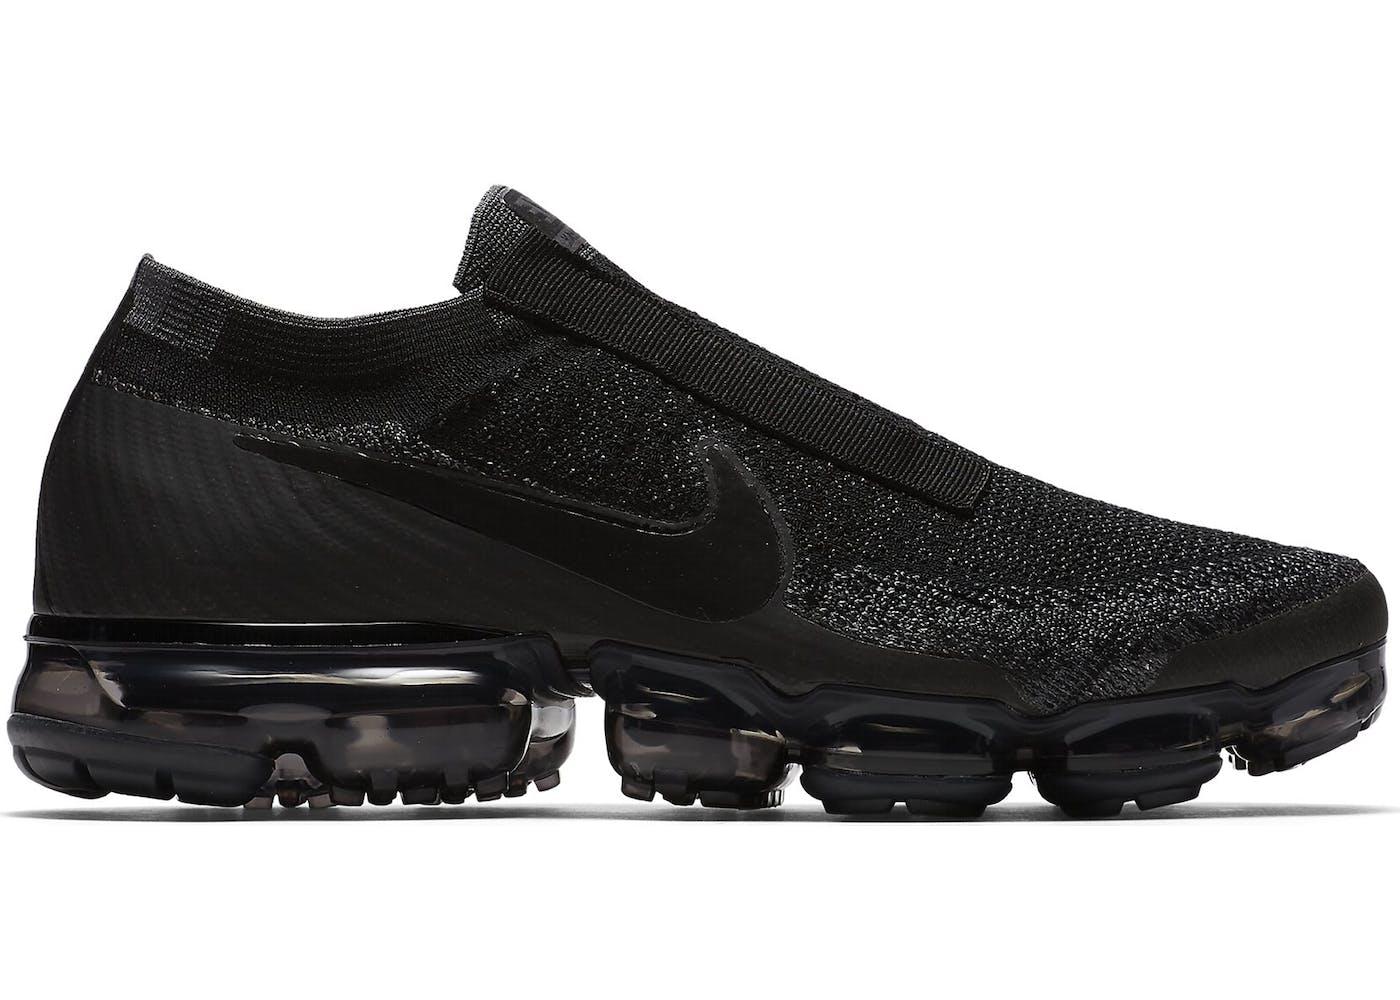 Nike Vapormax Black Laceless